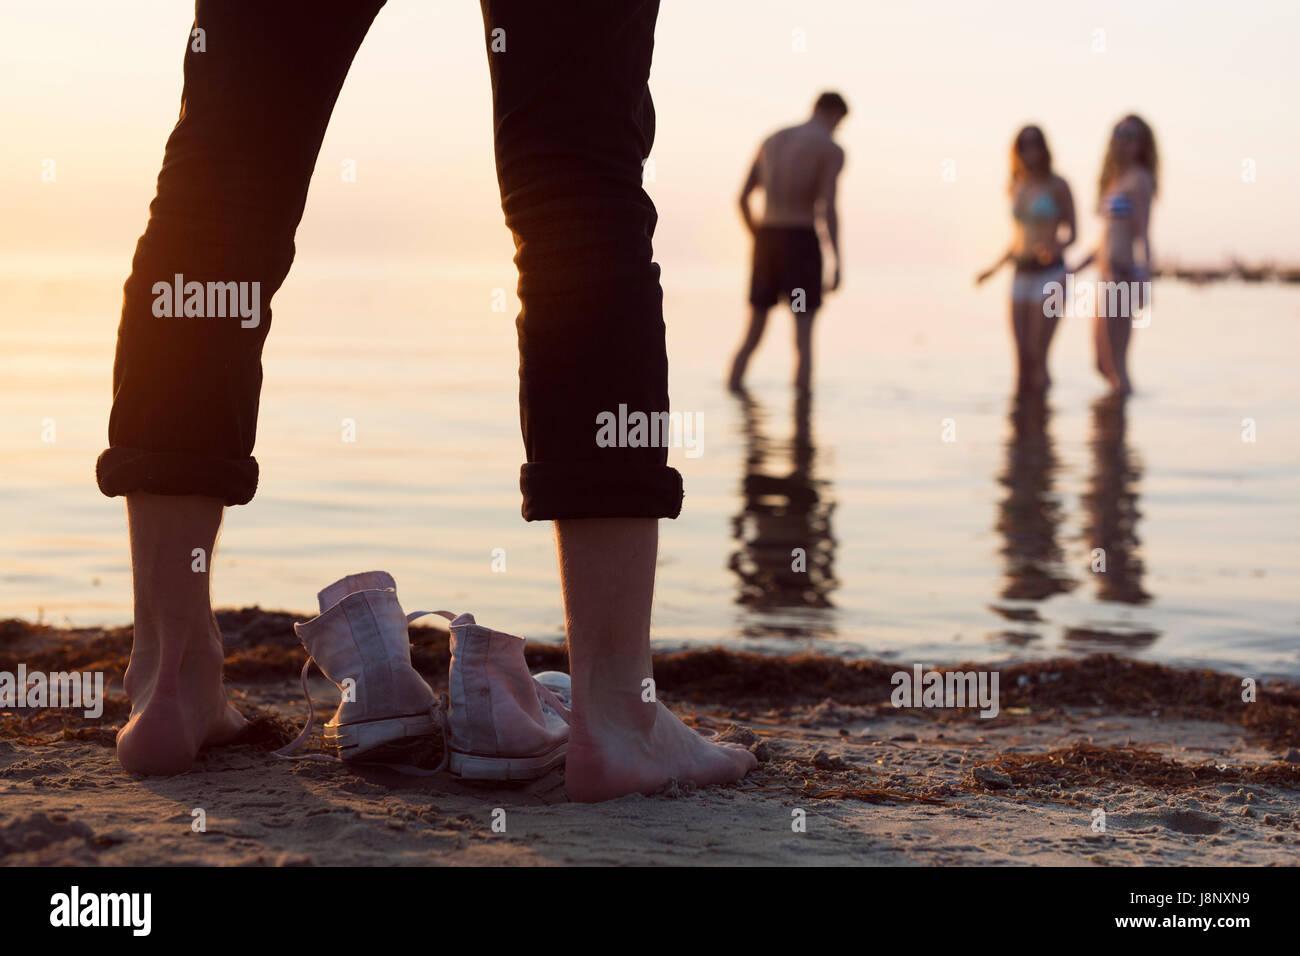 Jeune homme debout sur la plage tandis que jeune femme et teenage girl (16-17) et les jeunes man wading in sea at sunset Banque D'Images